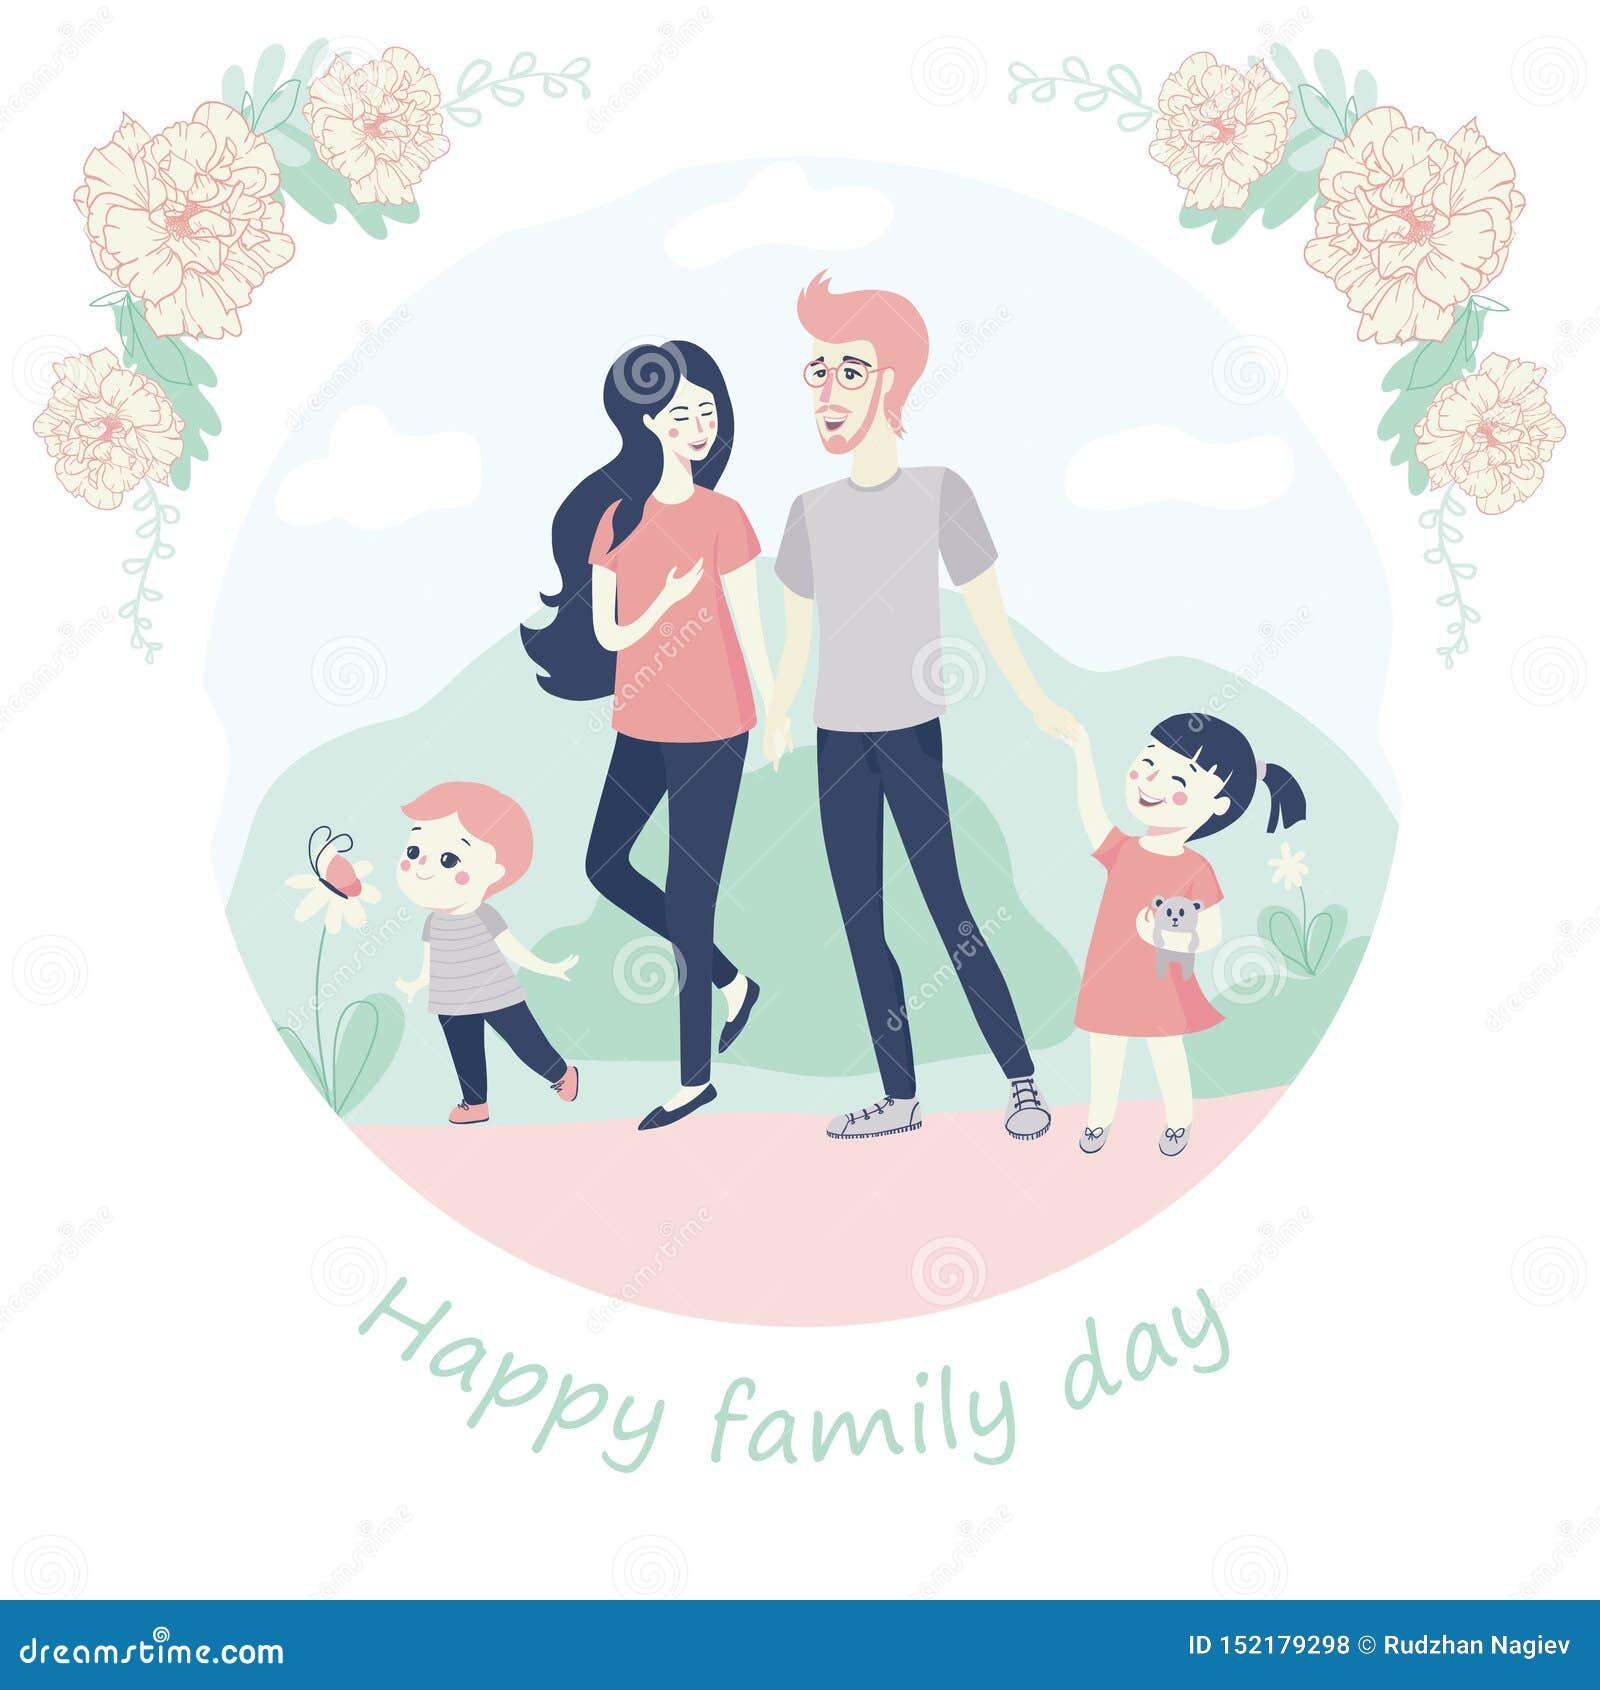 幸福家庭与一个年轻家庭的天概念与孩子,一个小兄弟和姐妹,手拉手走与他们